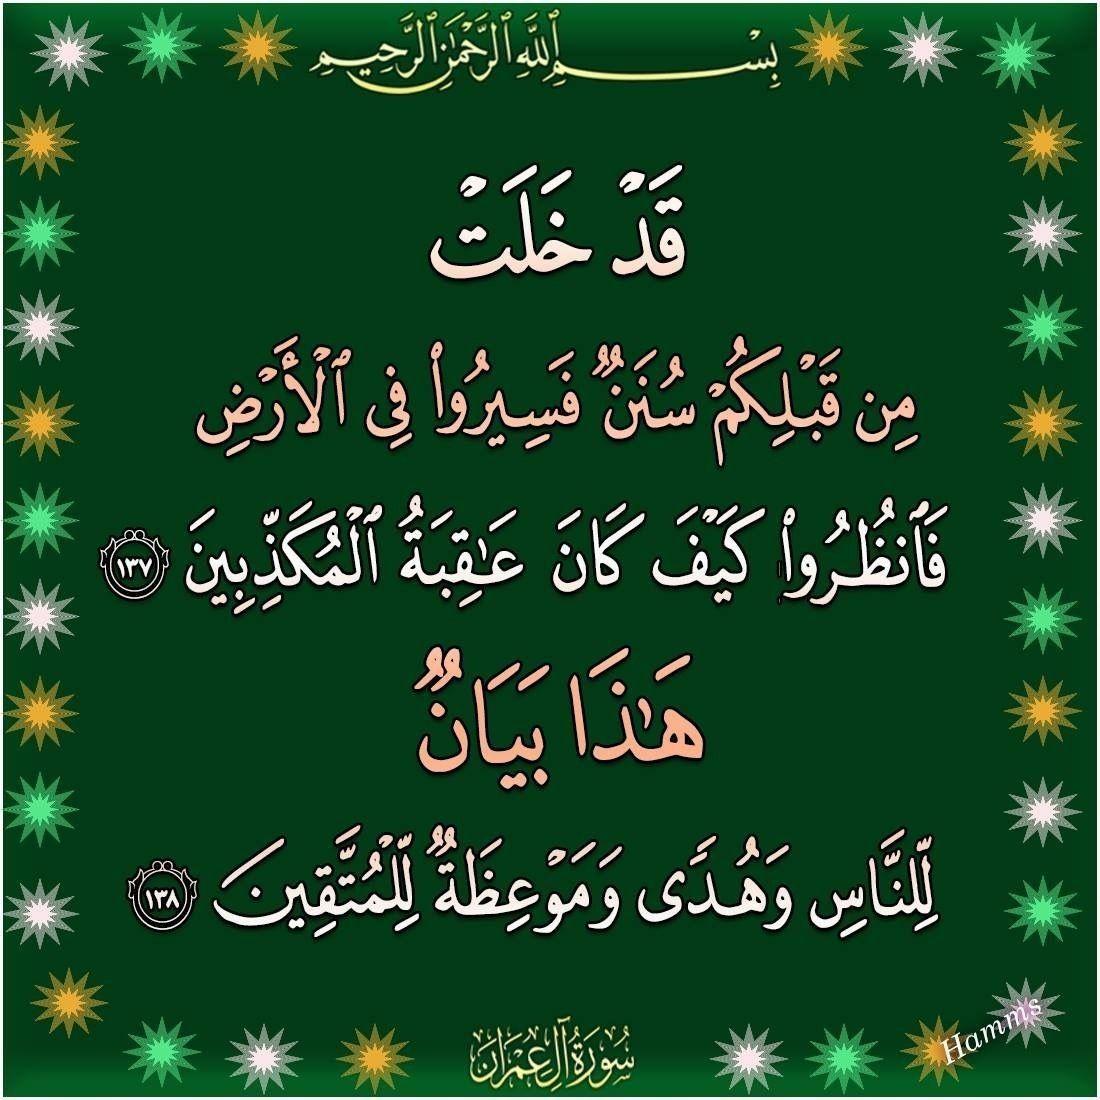 القرآن الكريم مقسم صفحات الشيخ حاتم فريد سورة الحج صفحة 341 مكتوبة مصحف التجويد الملون Calligraphy Arabic Calligraphy